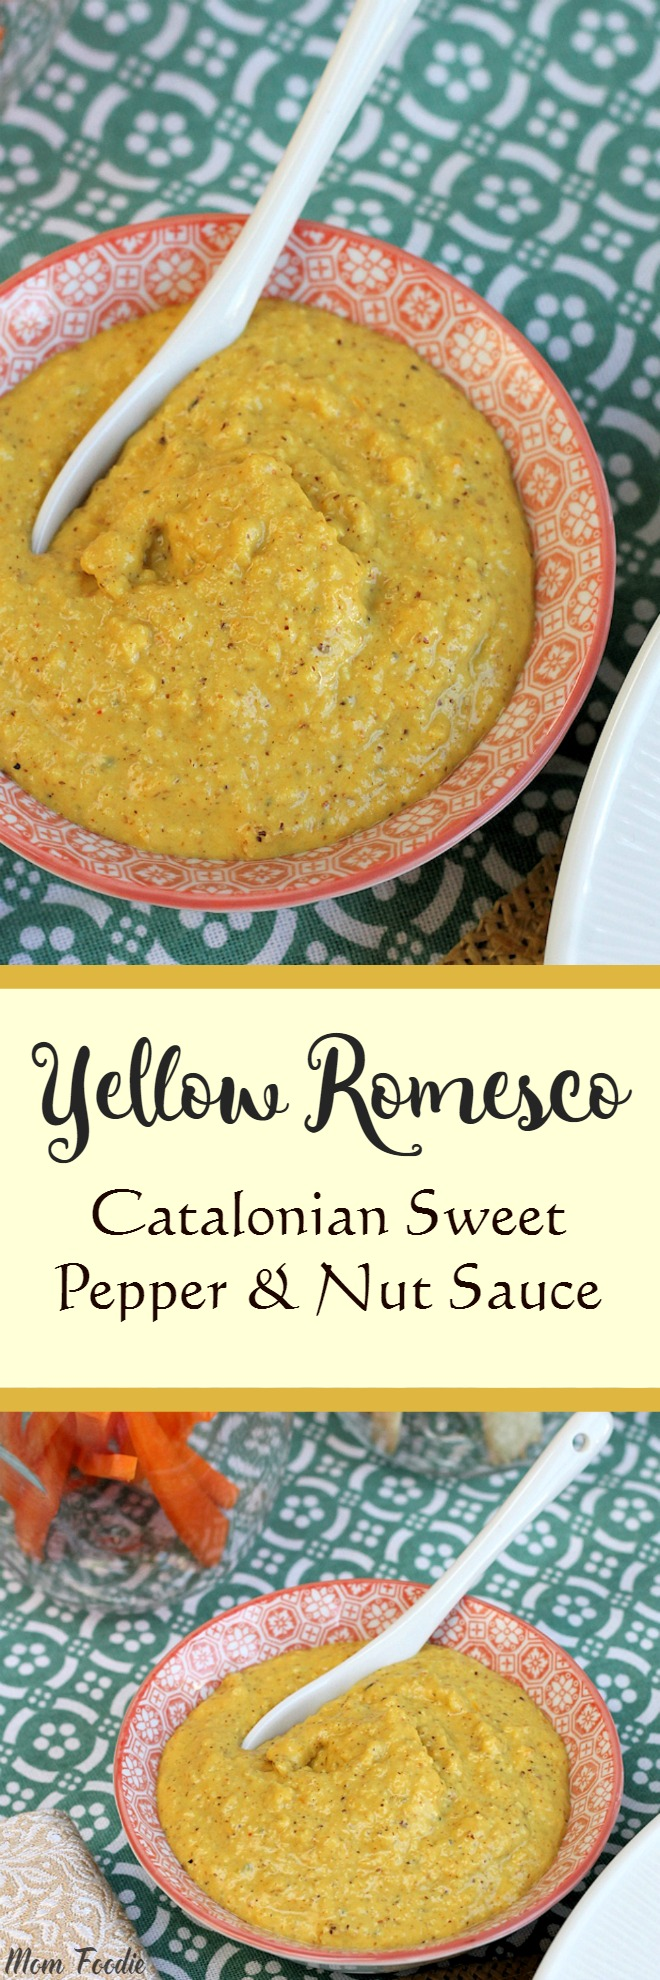 Yellow Romesco Sauce